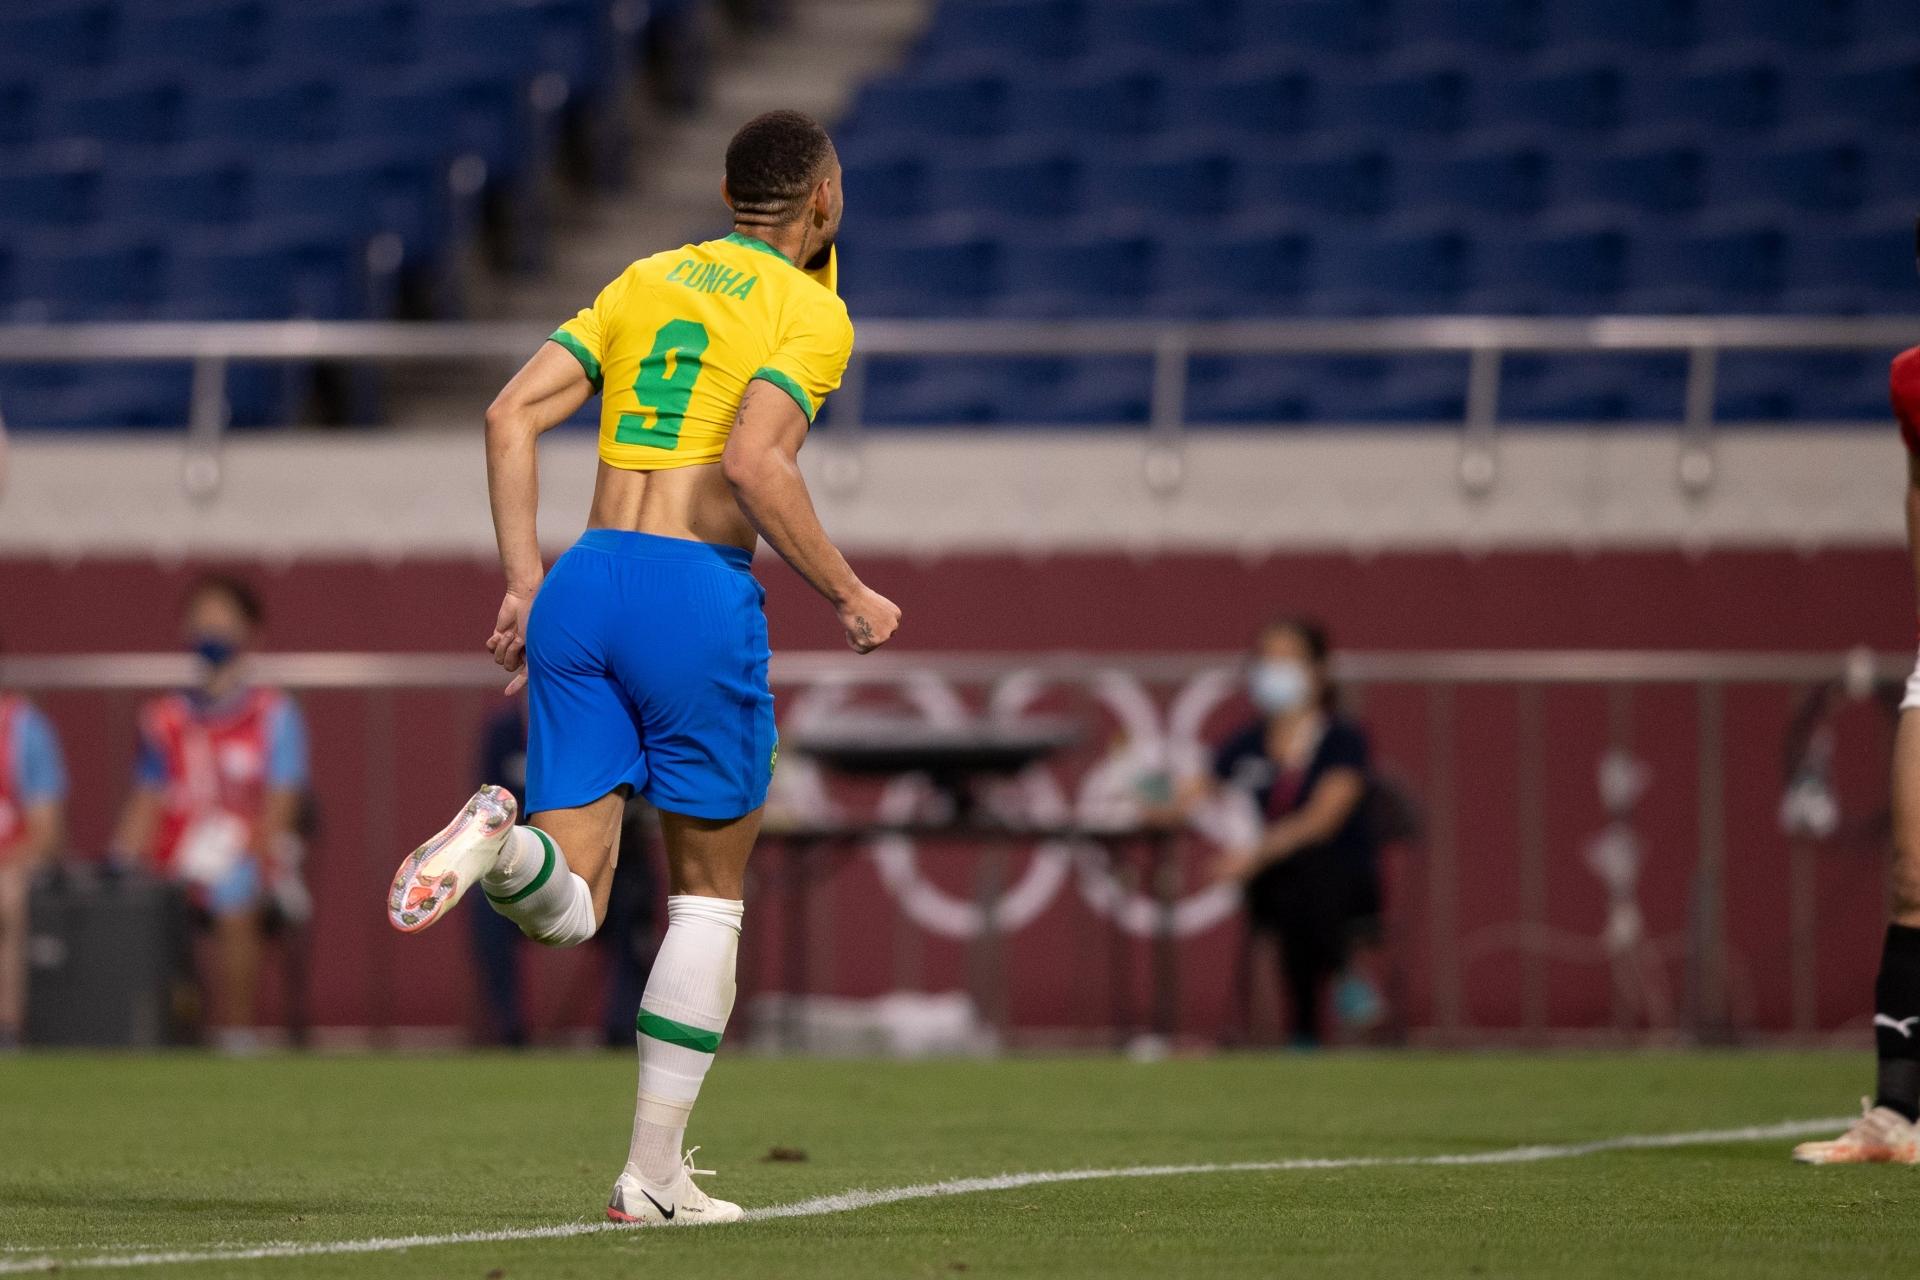 Dự đoán Mexico vs Brazil, nhận định trận đấu, 15h00 ngày 03/08: Bóng đá nam Olympic 3